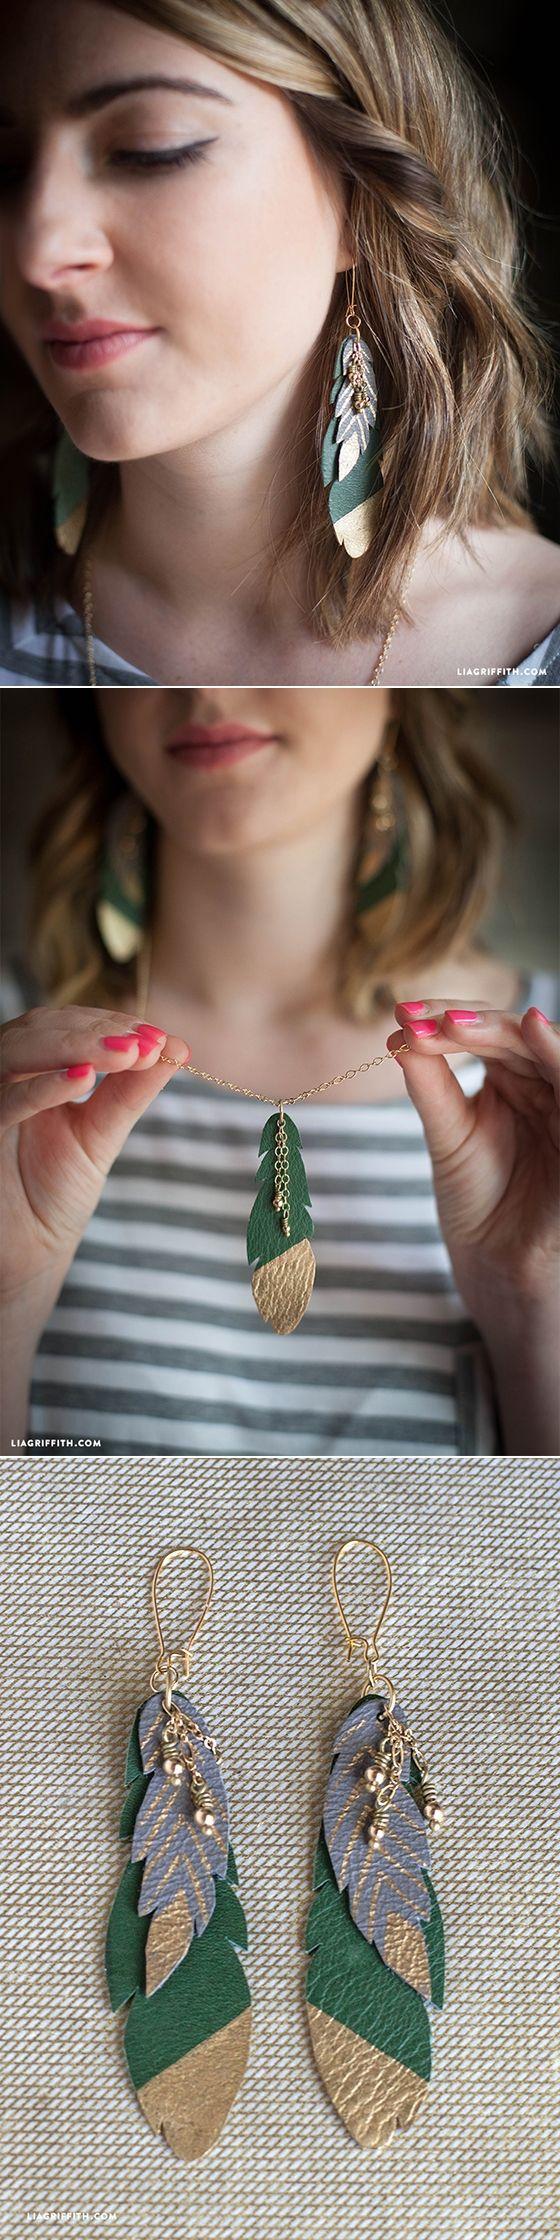 #boho #diyjewelry #featherjewelry www.LiaGriffith.com